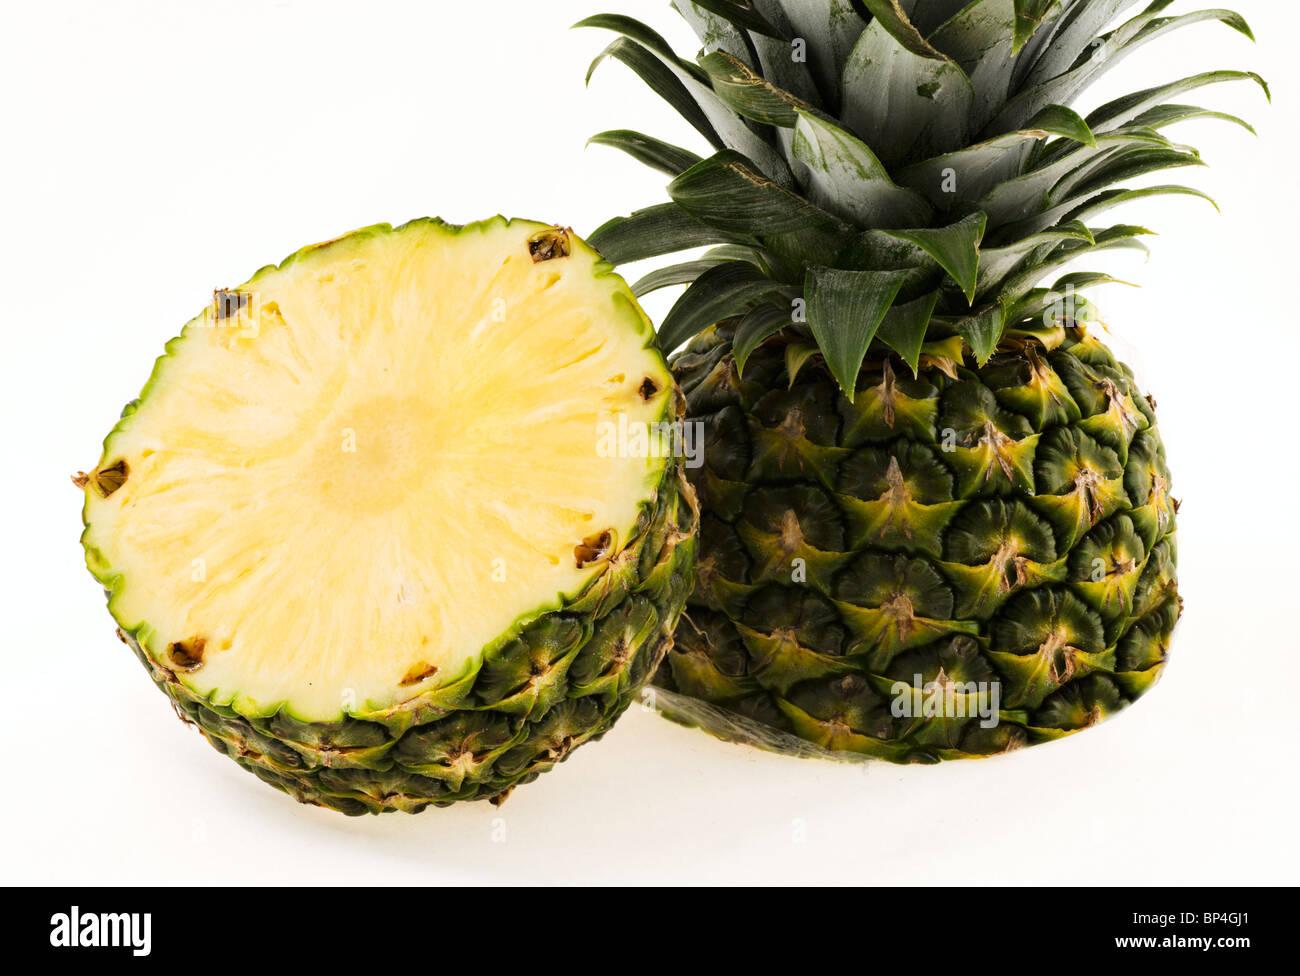 Pineapple (Ananas comosus) - Stock Image